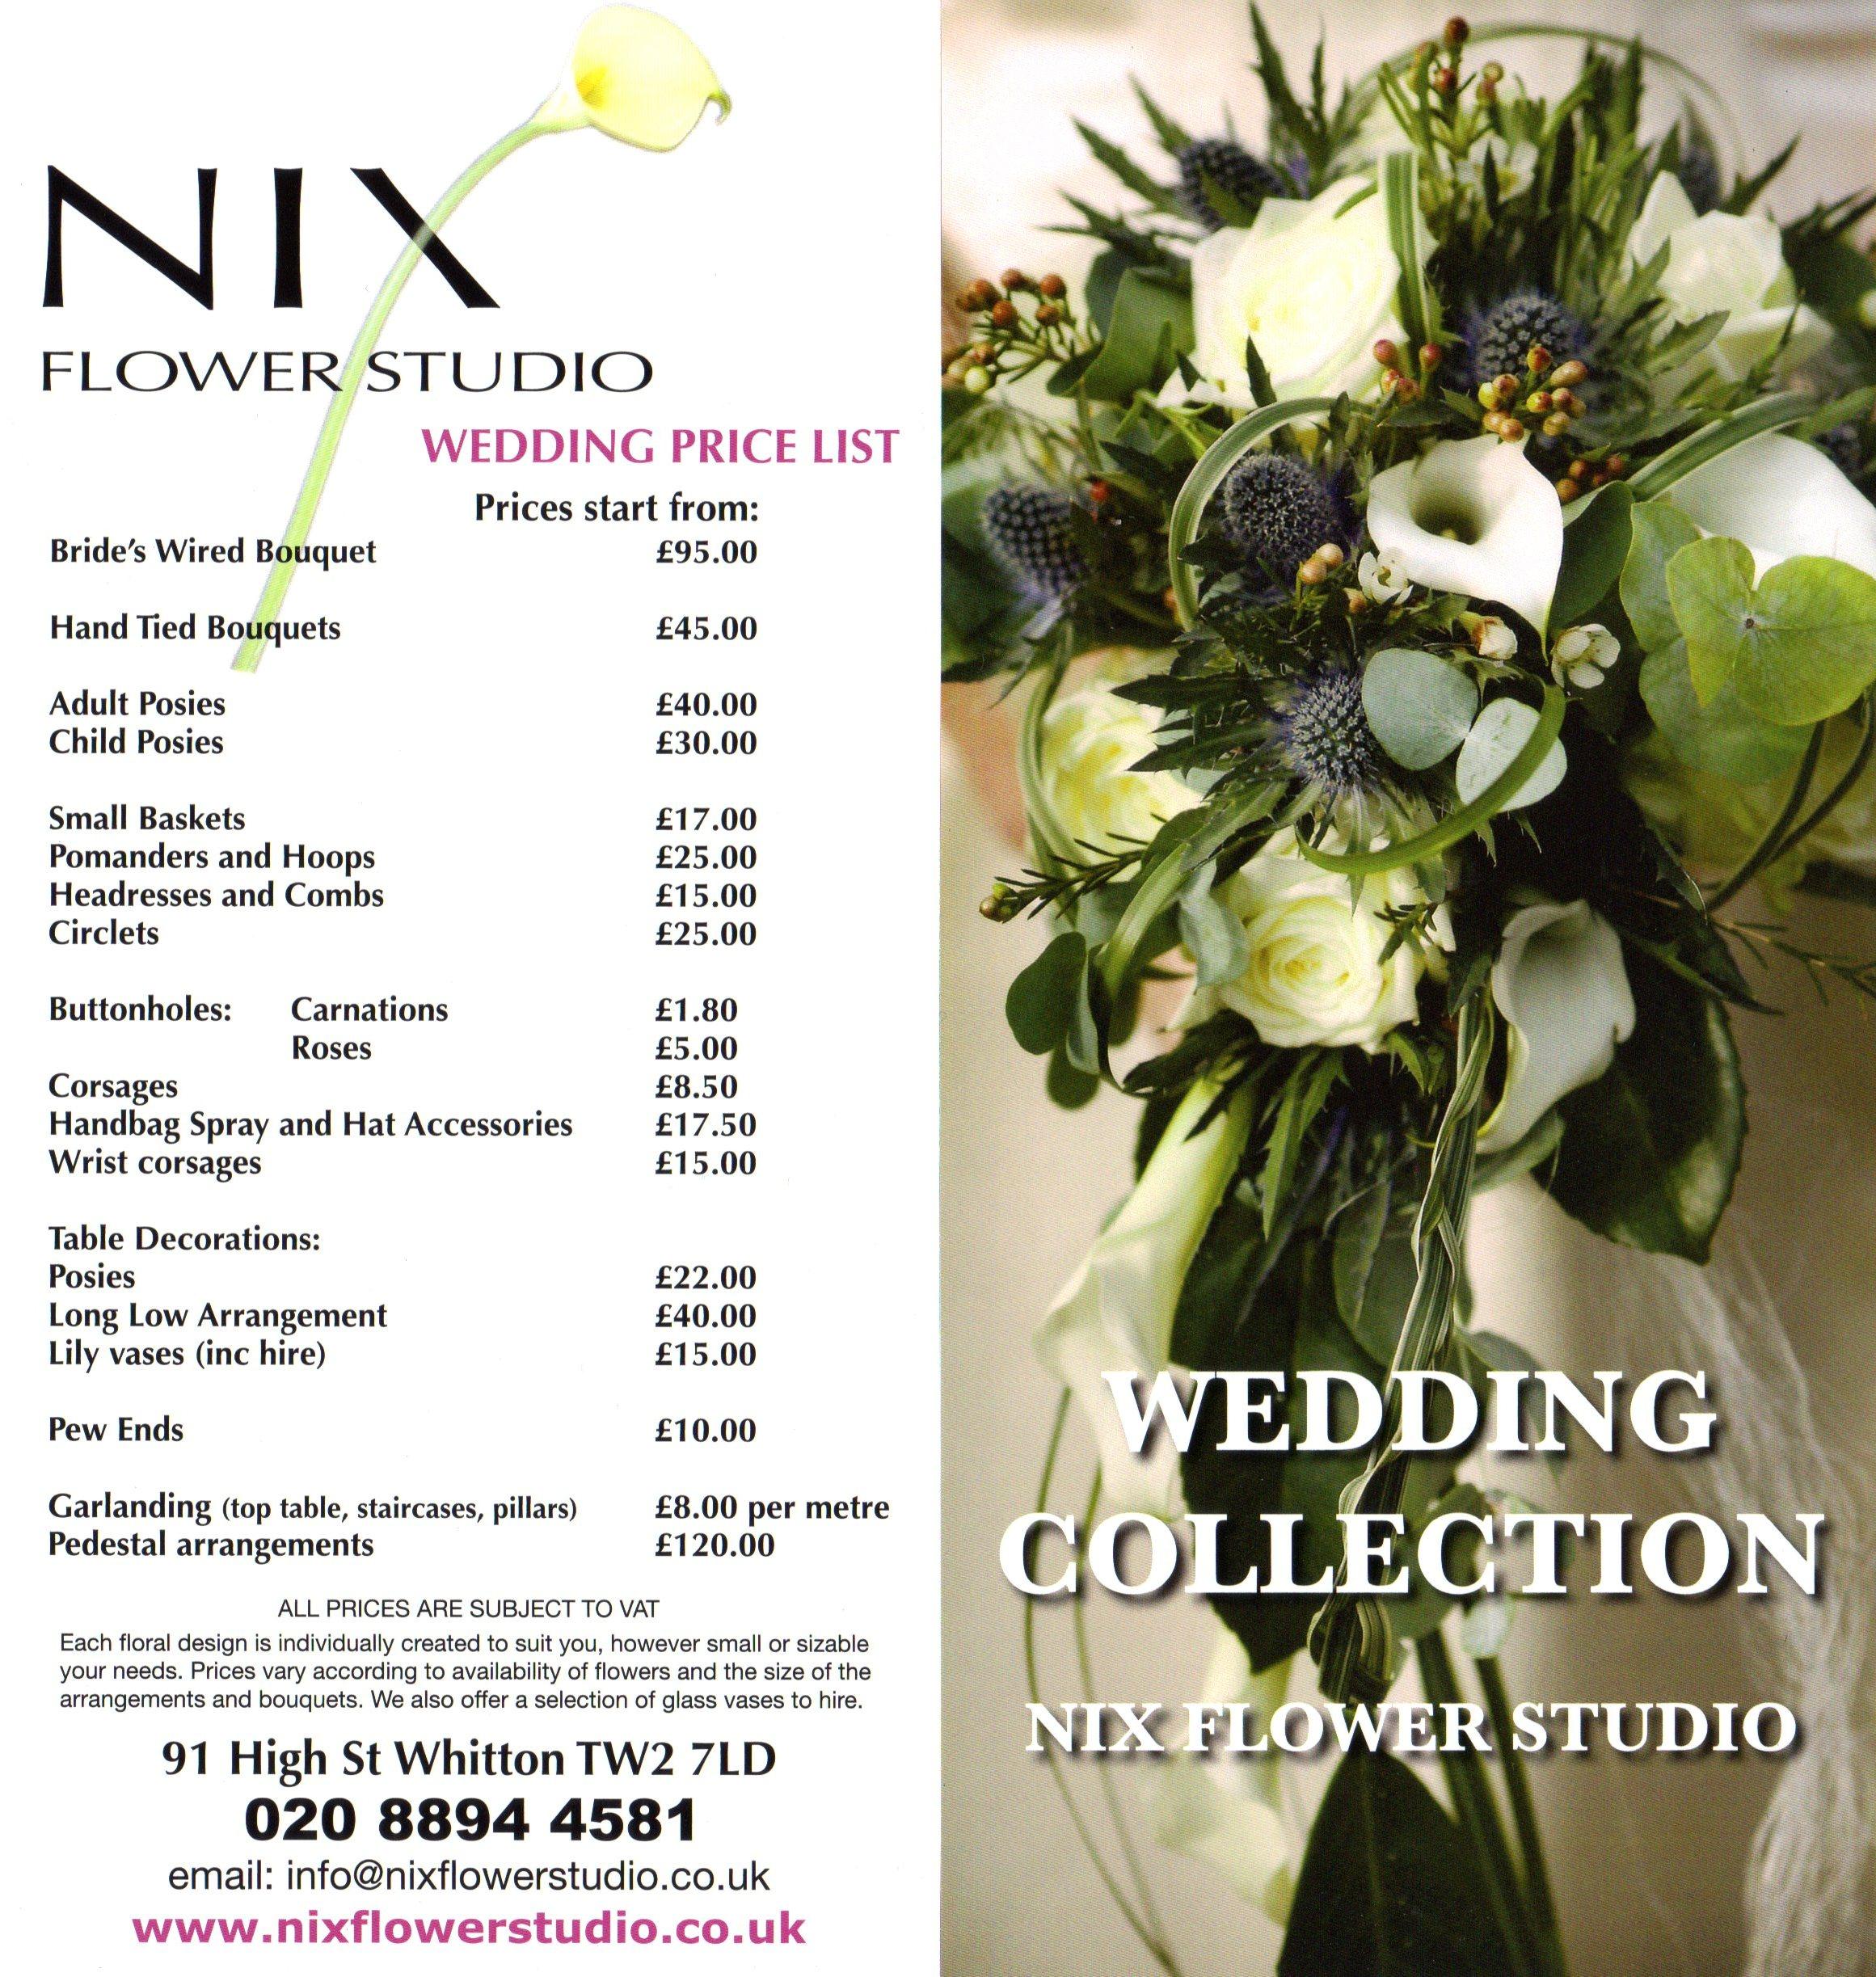 wedding flower price list images. Black Bedroom Furniture Sets. Home Design Ideas